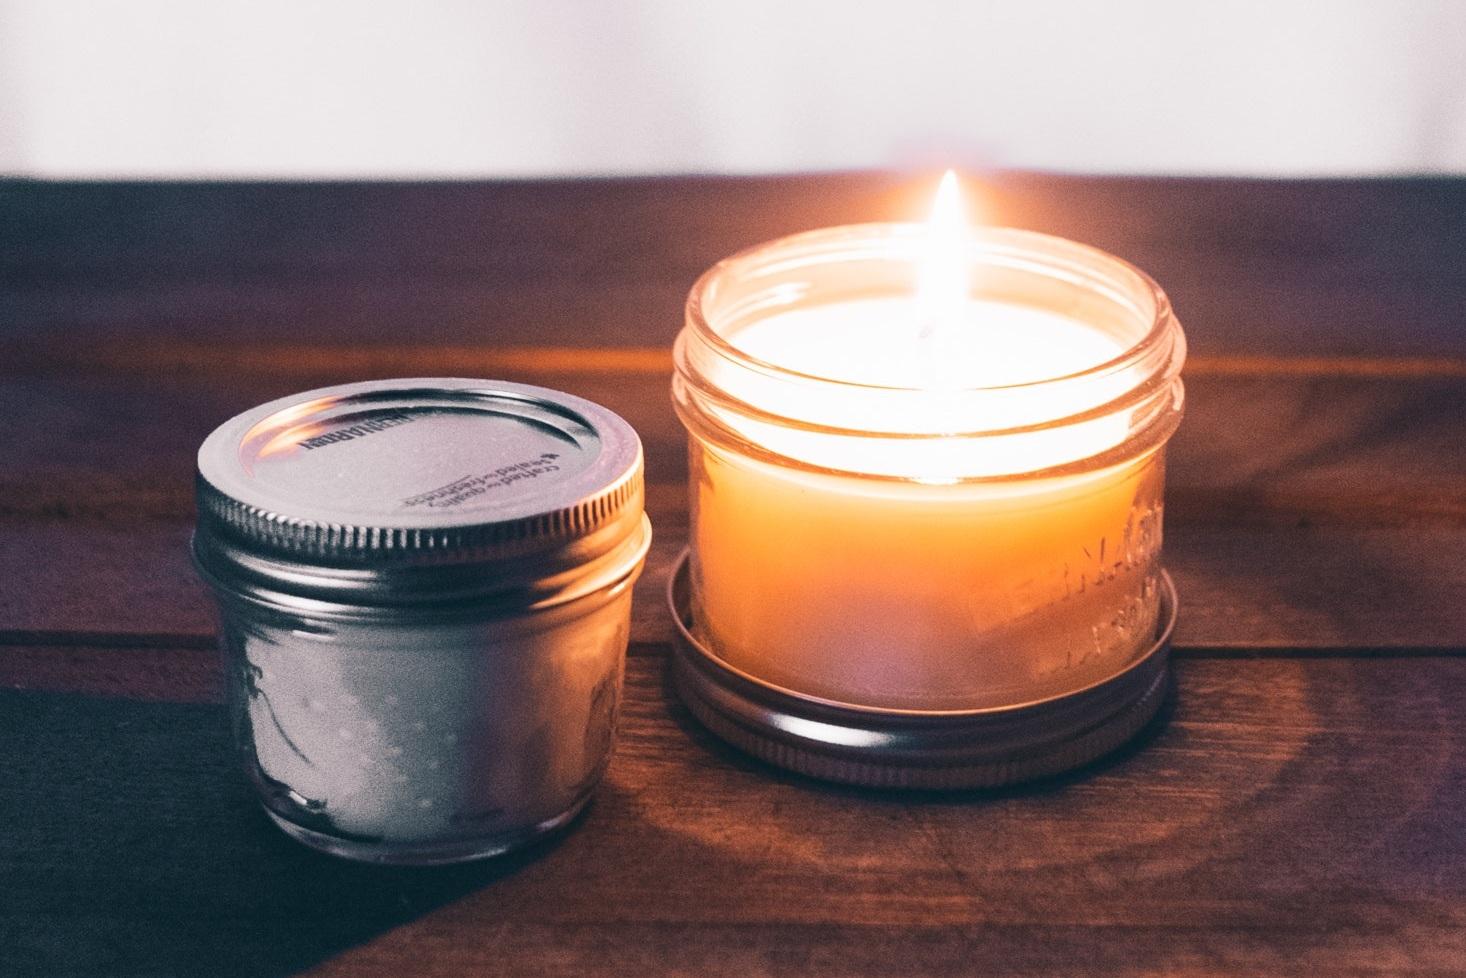 aromatherapy-aromatic-bright-373988.jpg